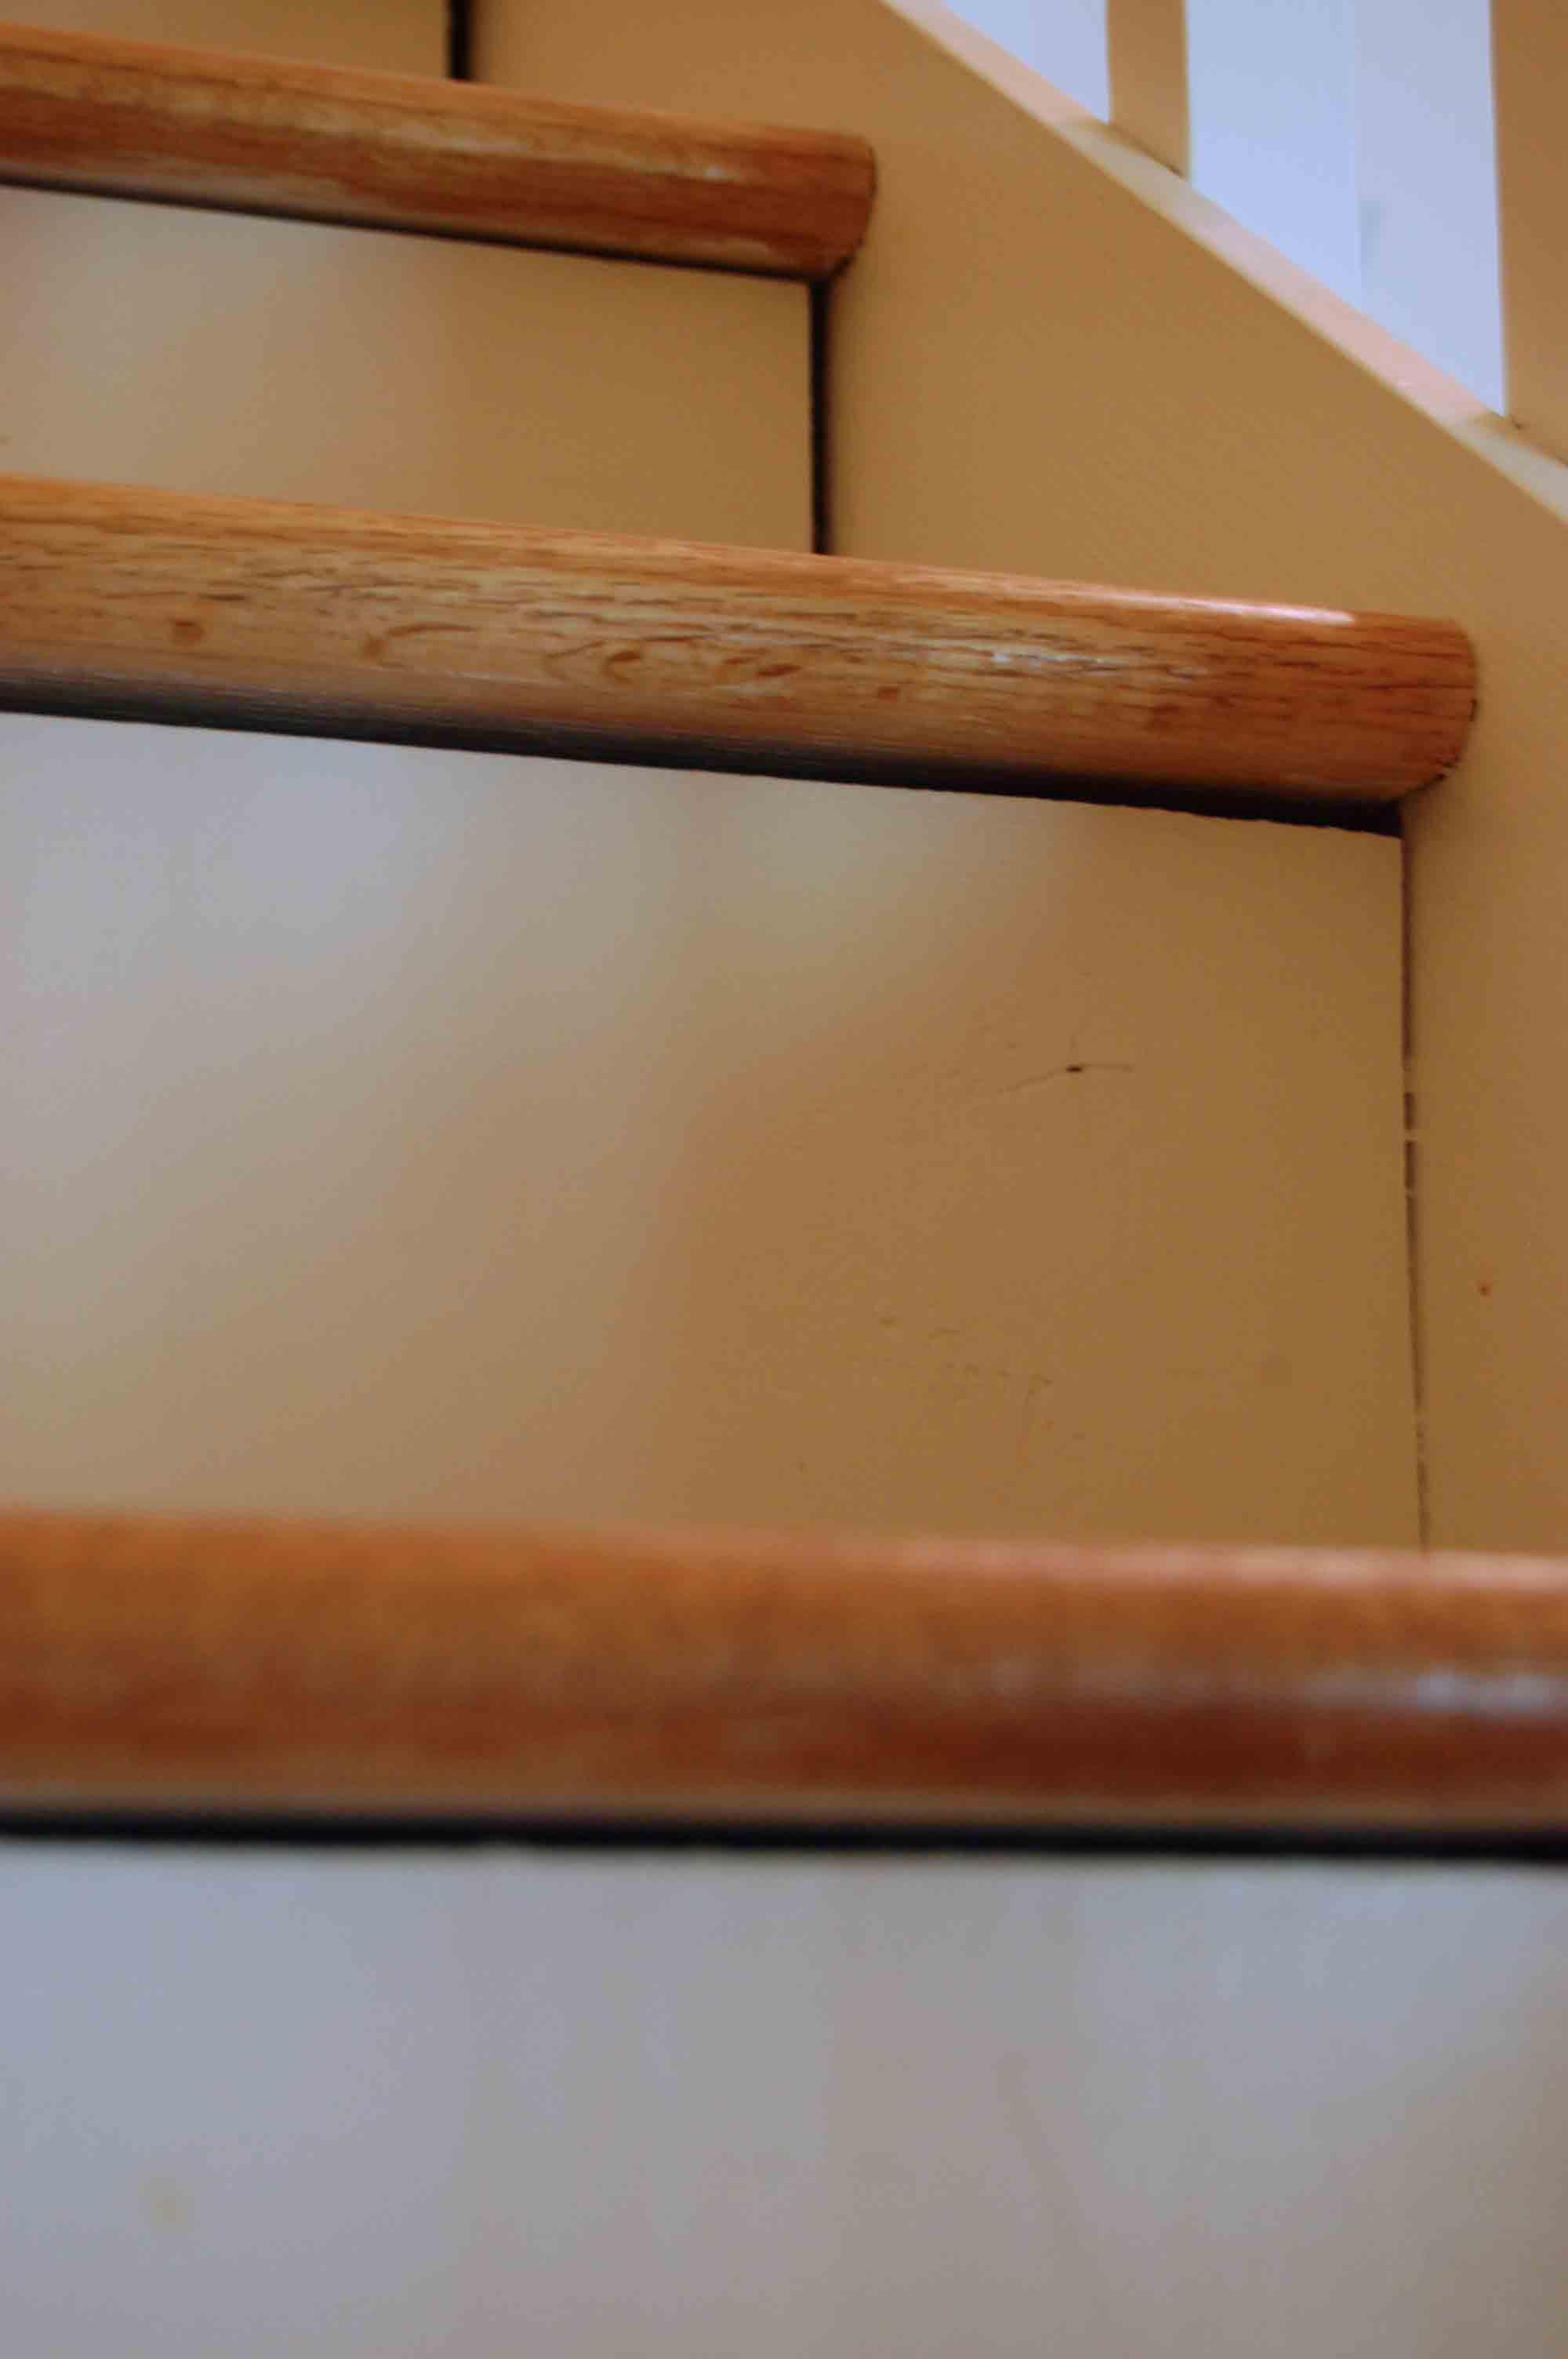 Fix gaps in stairs-stair-gap3-diy.jpg